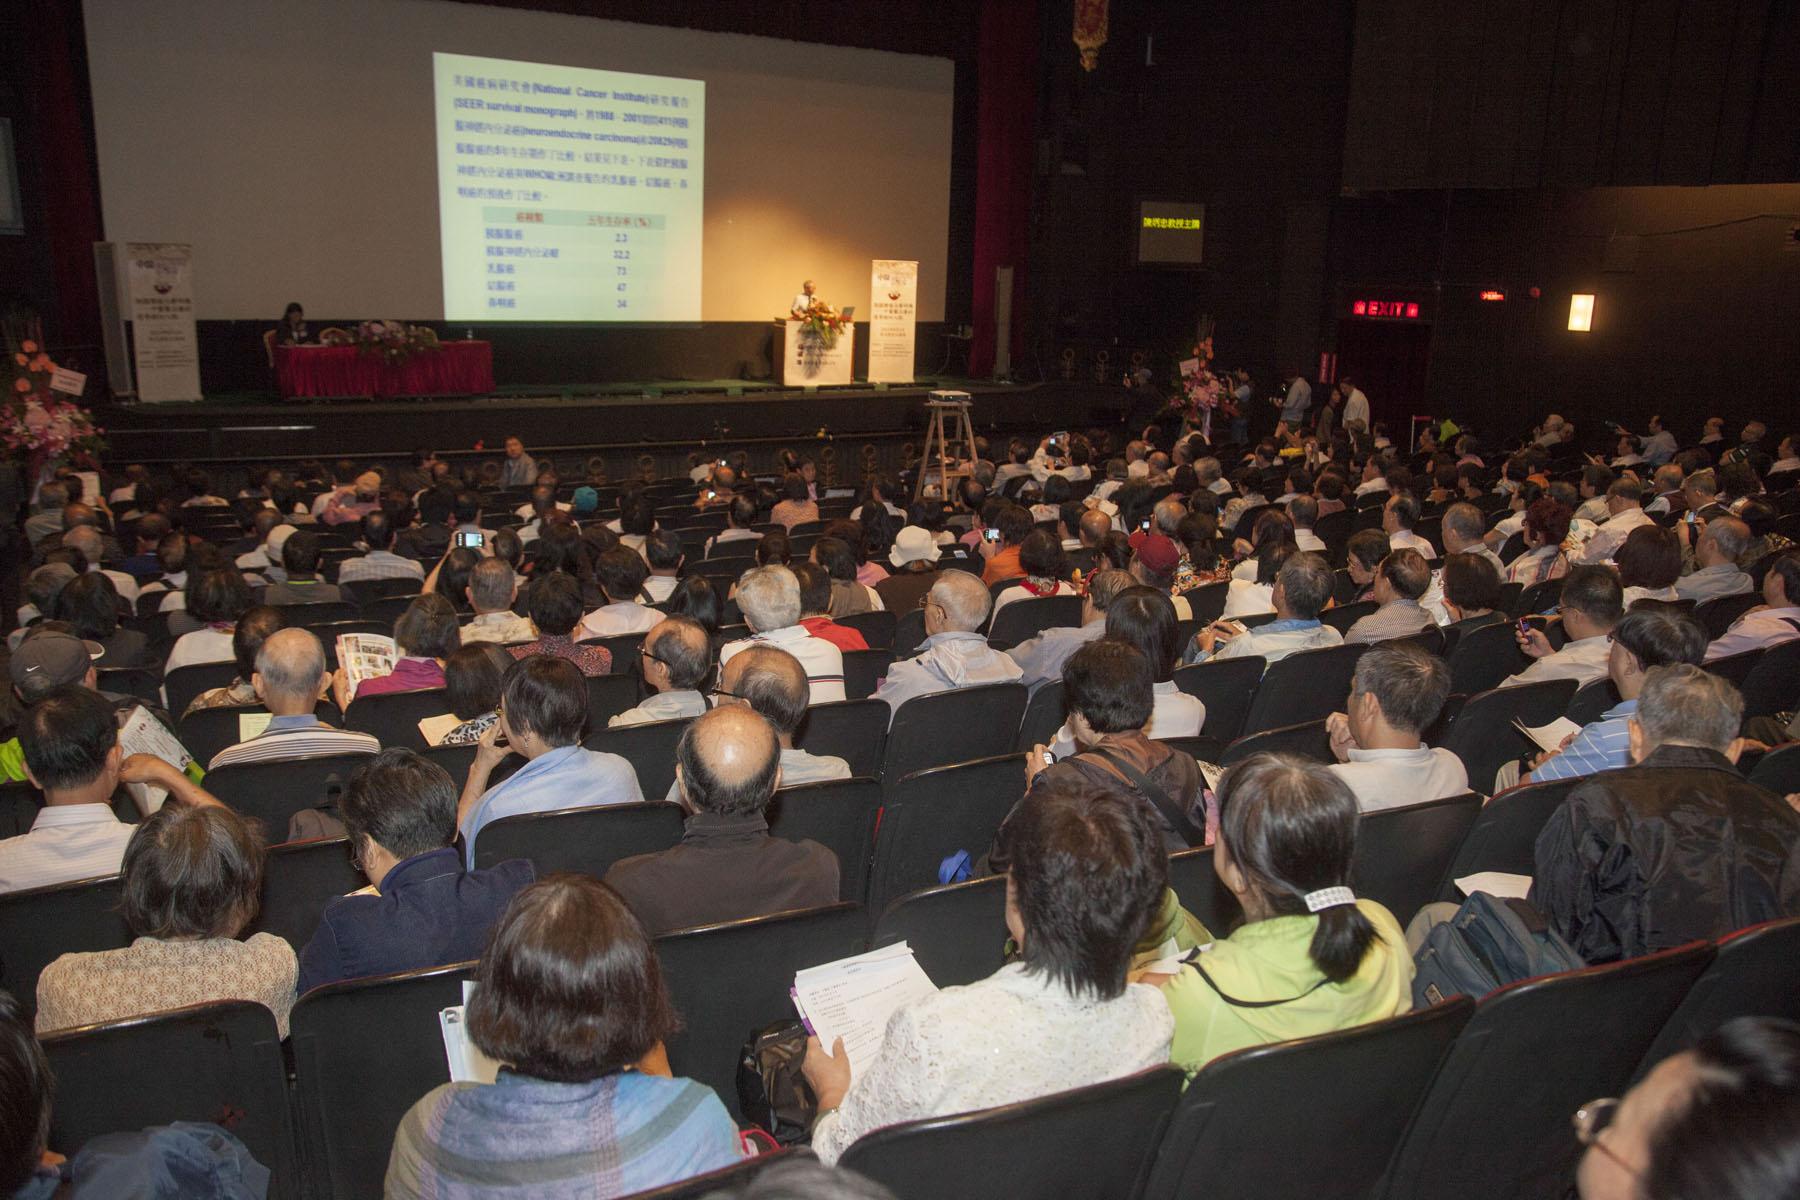 靈蘭閣圖書國際公司主辦 - 中醫腫瘤研討會